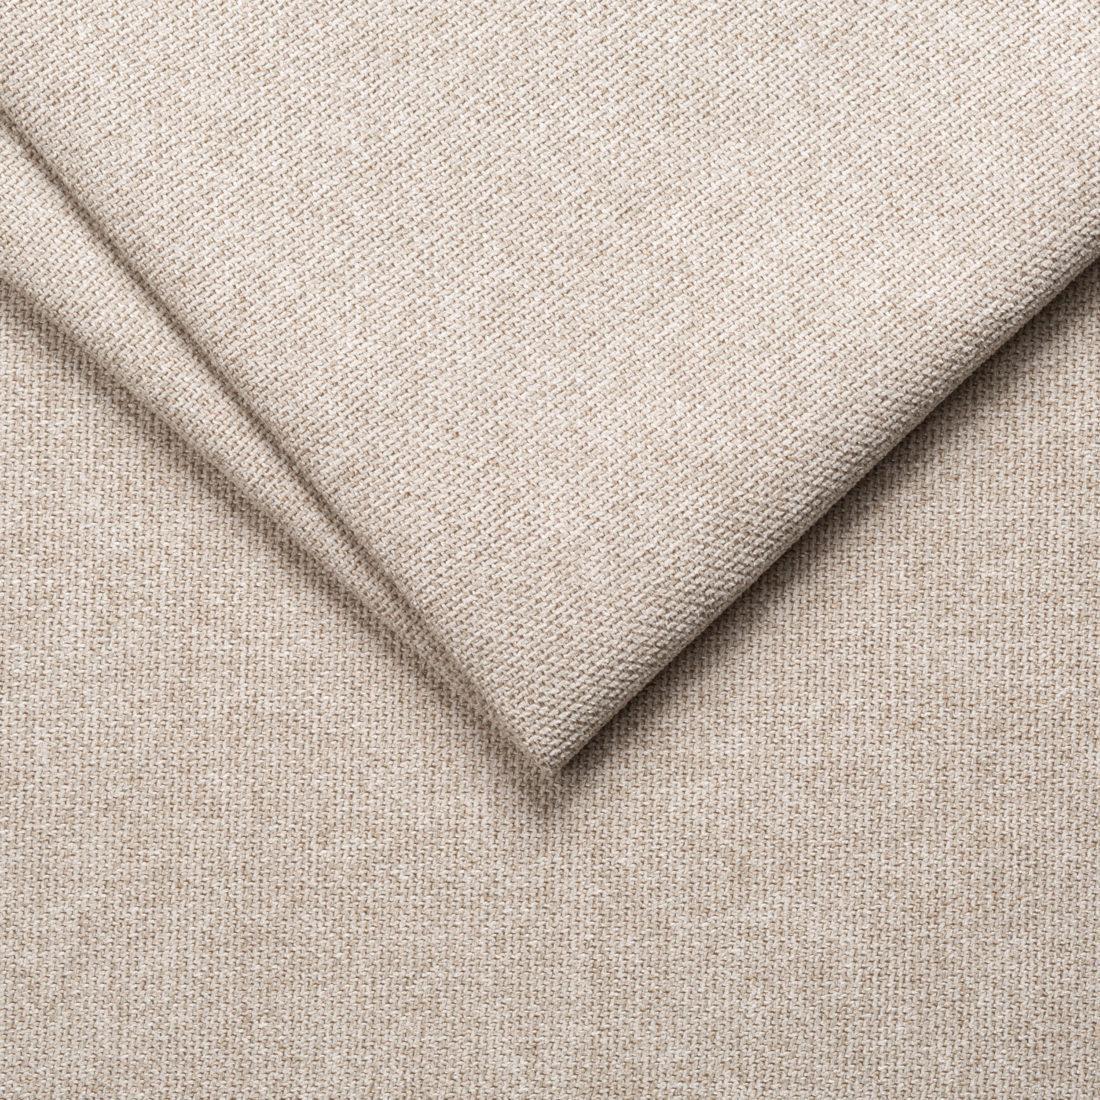 Меблева тканина Austin 2 Beige, рогожка